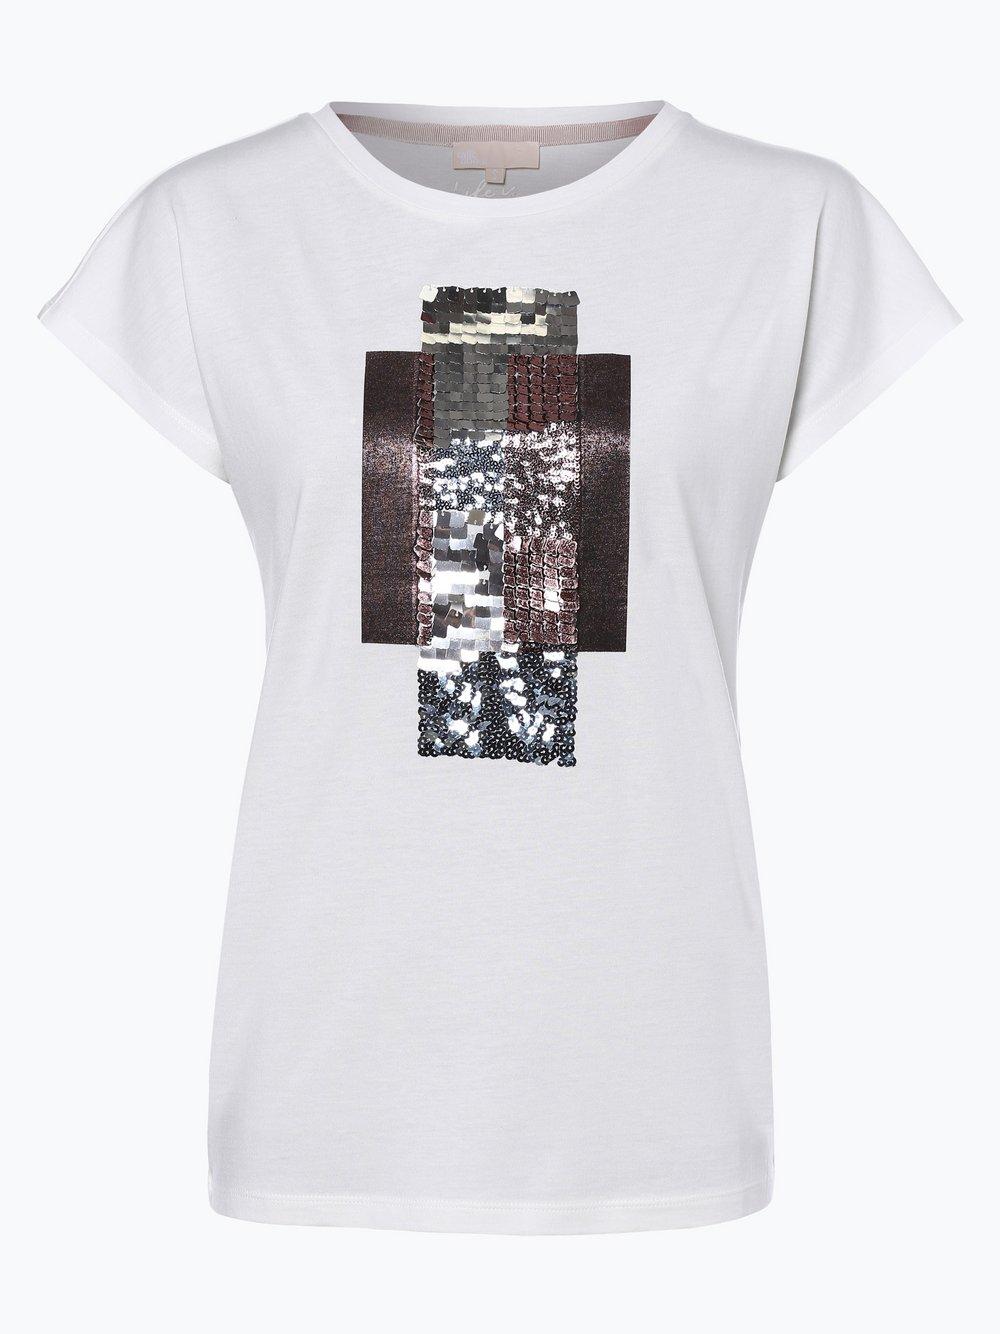 Damen T-Shirt schwarz Talk about Günstige Top-Qualität Rabatte Verkauf Online Wo Niedrigen Preis Kaufen Freiheit Genießen dK09LubQ